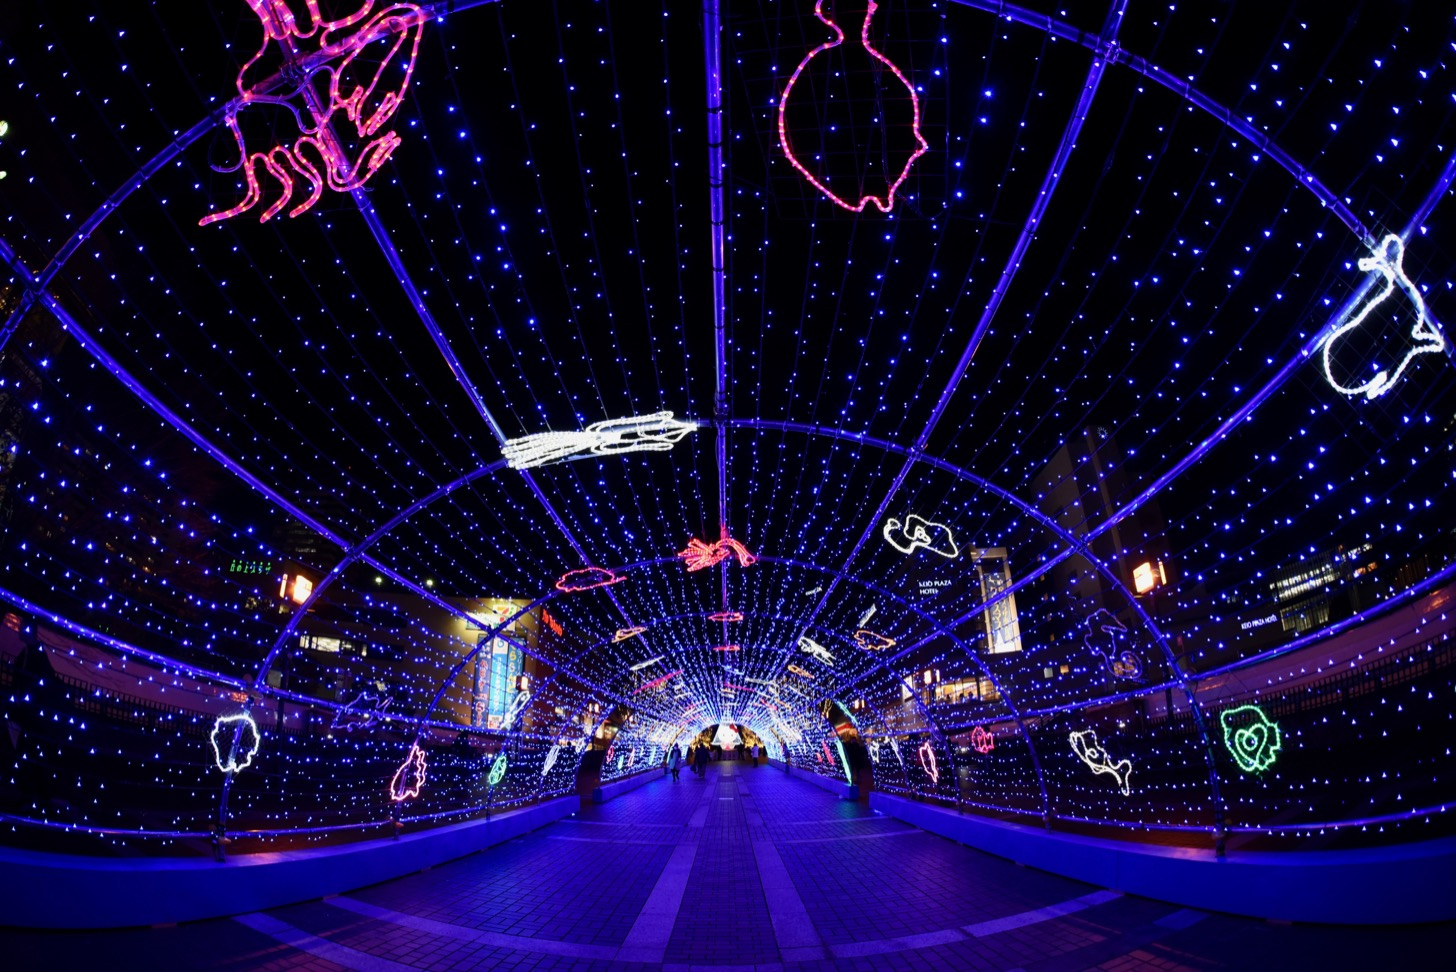 多摩センターイルミネーション 長さ50mの光の水族館